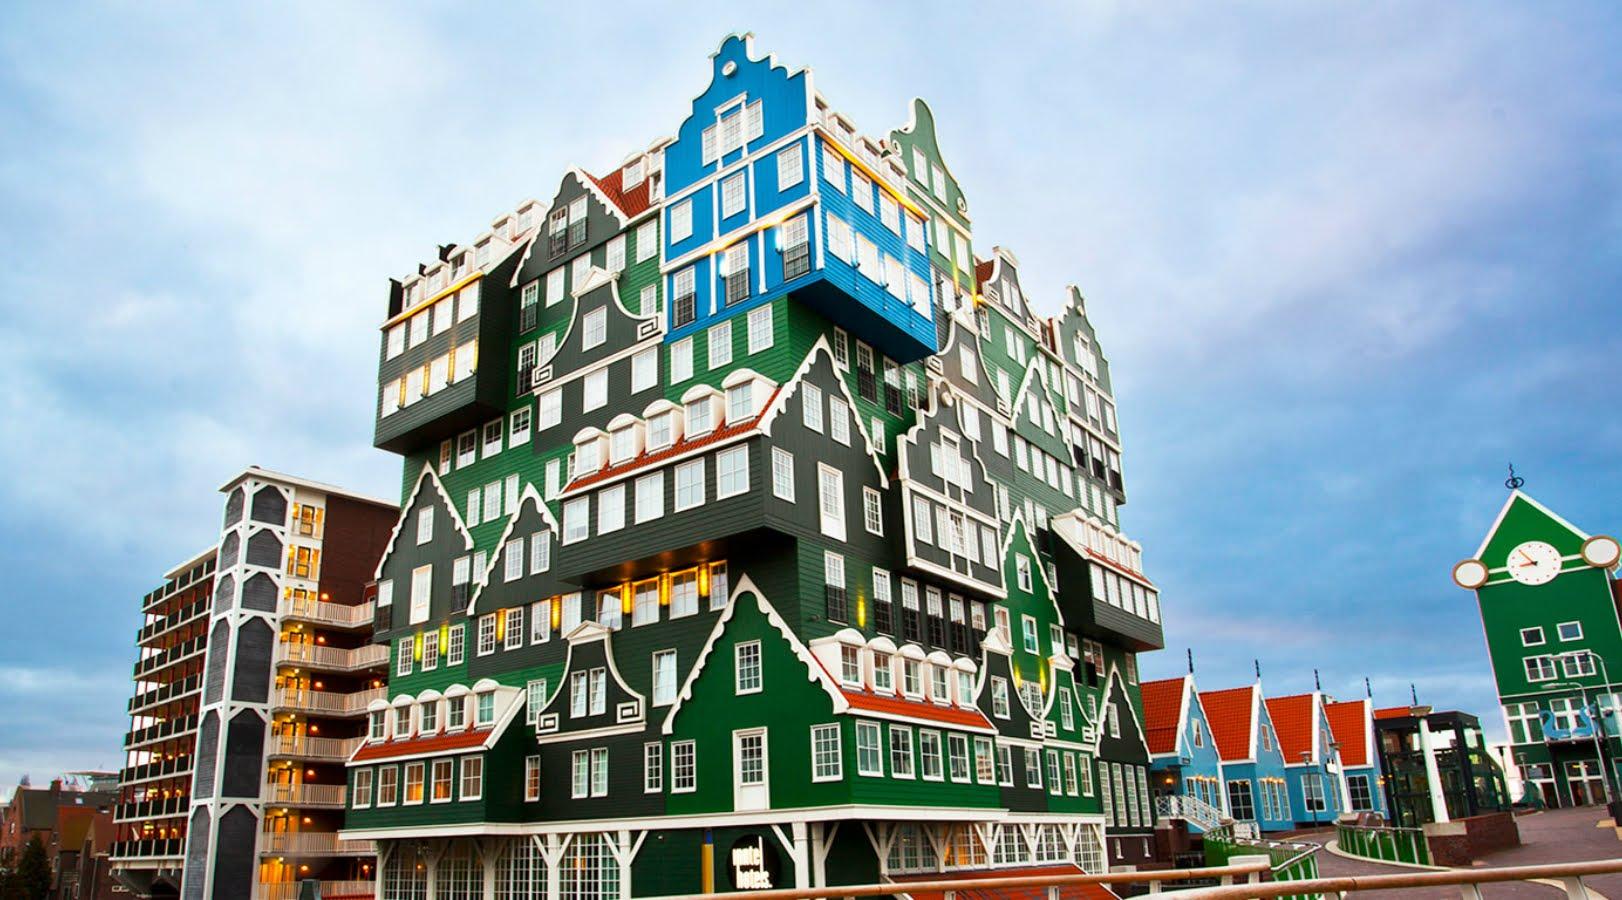 14 هتل عجیب و شگفت انگیز در انگلستان